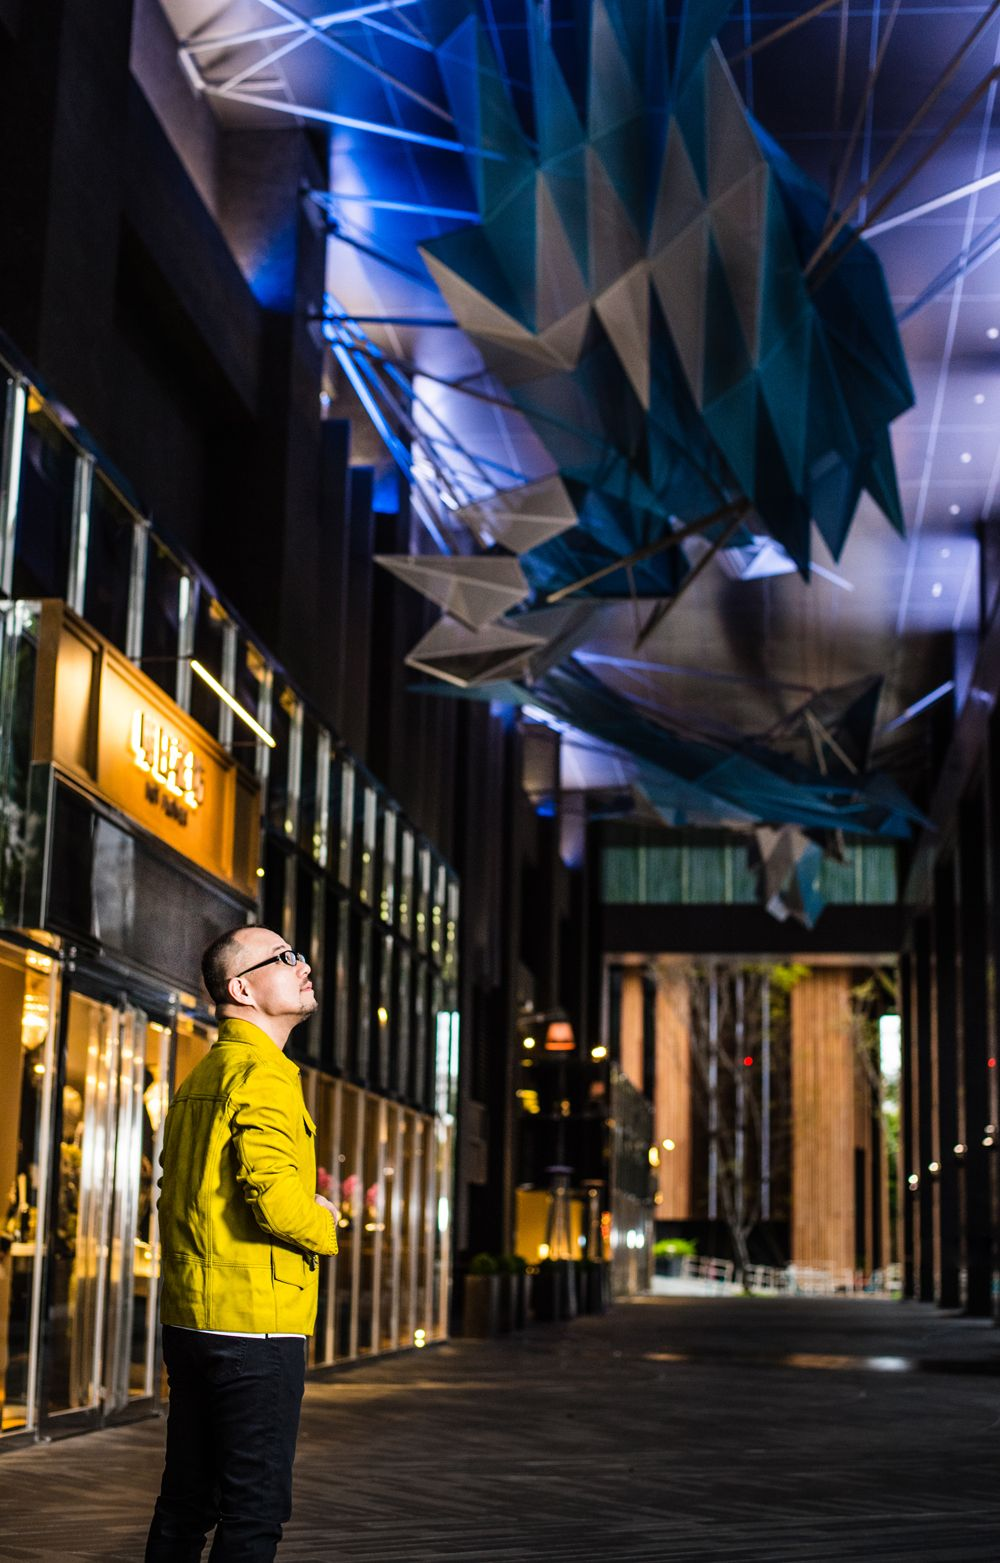 有許多現地製作經驗的李彥良,讓忠泰園區內多件由國內外藝術家打造的裝置藝術,更契合台灣的文化與生活環境。  麂皮夾克by Bottega Veneta,長褲為私人提供。